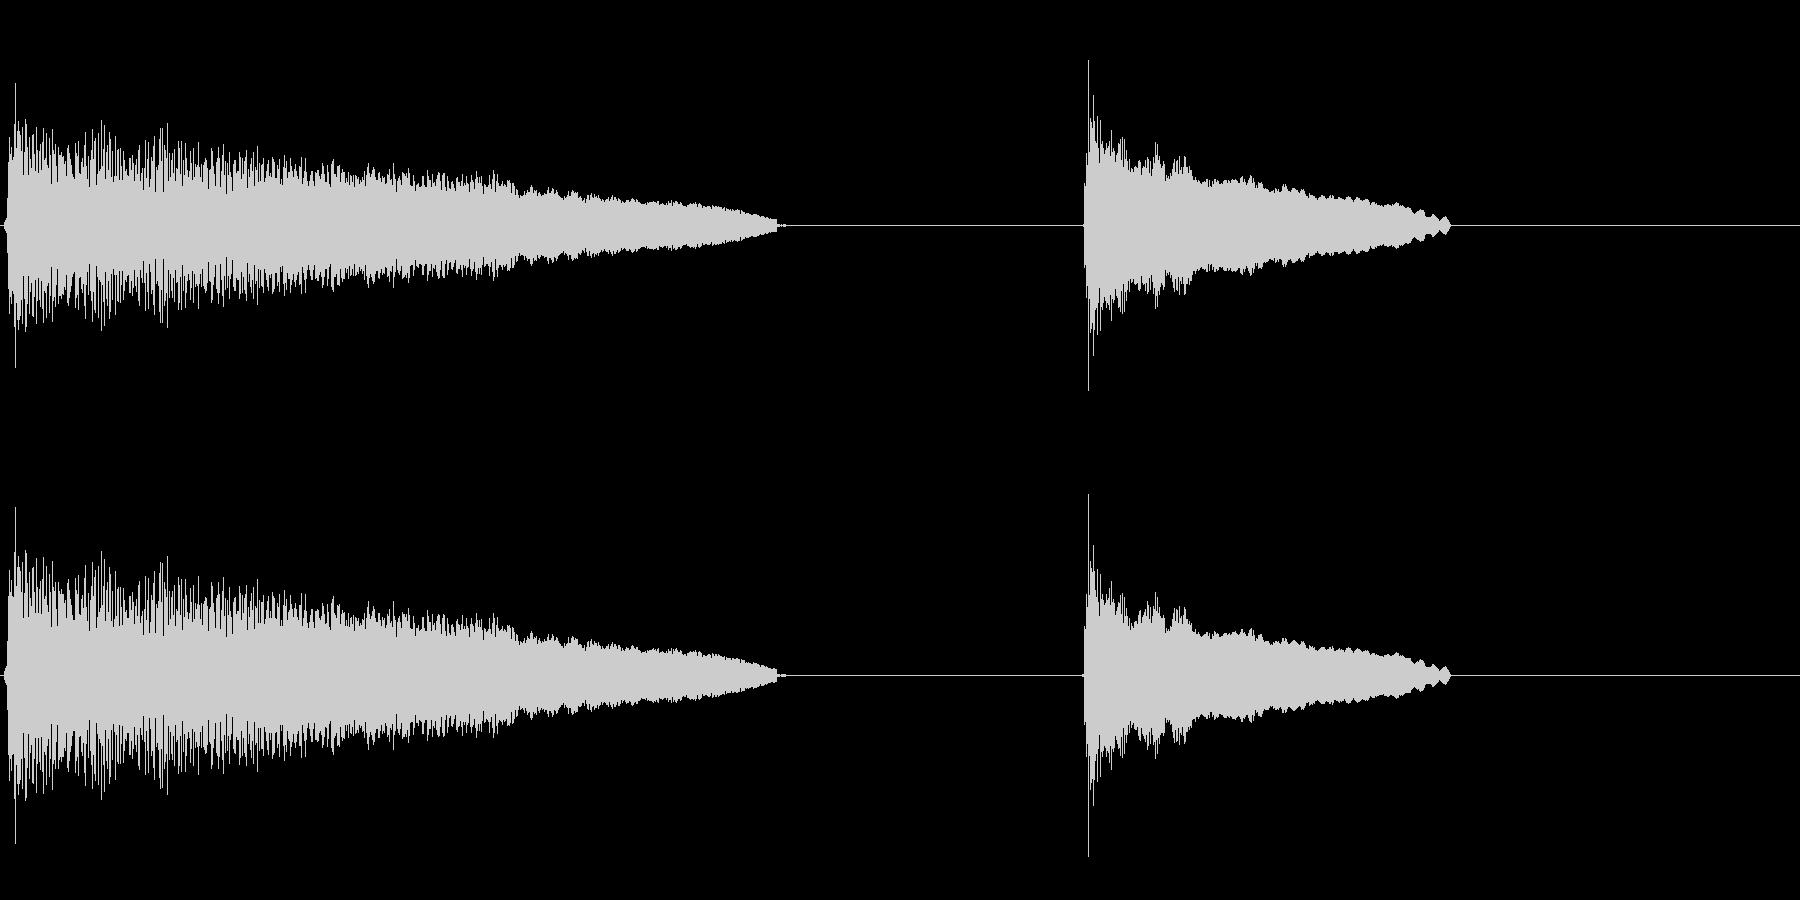 昇順、伸長、ハワイアンギター弦スラ...の未再生の波形